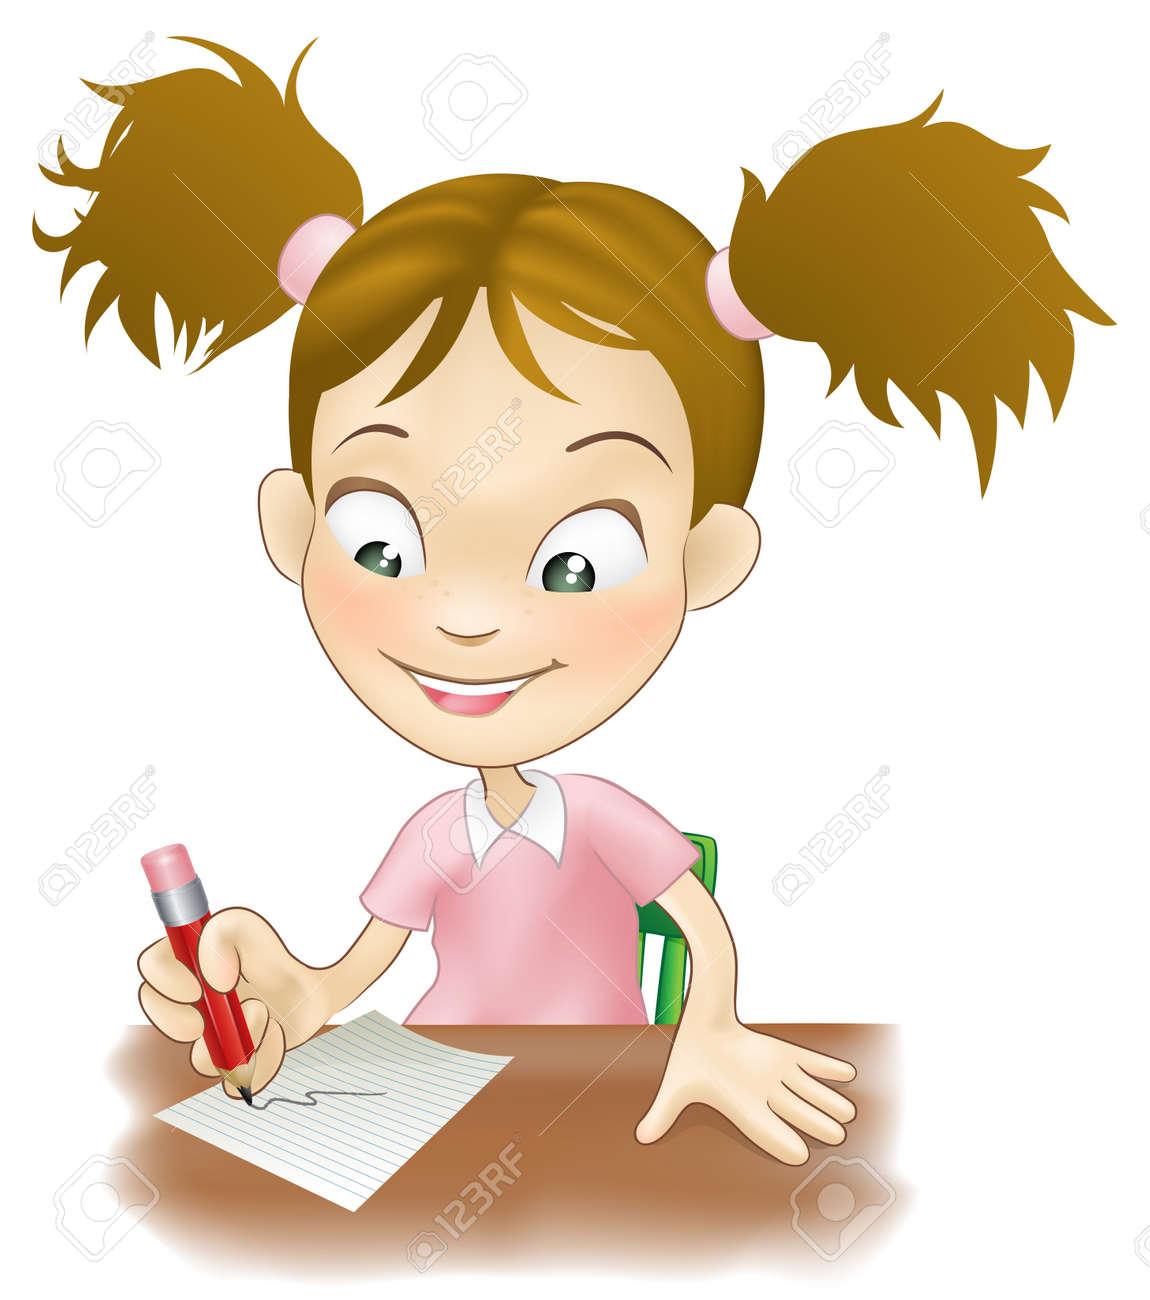 かわいい若い女の子のイラストは紙に書く彼女の机に座っていたの